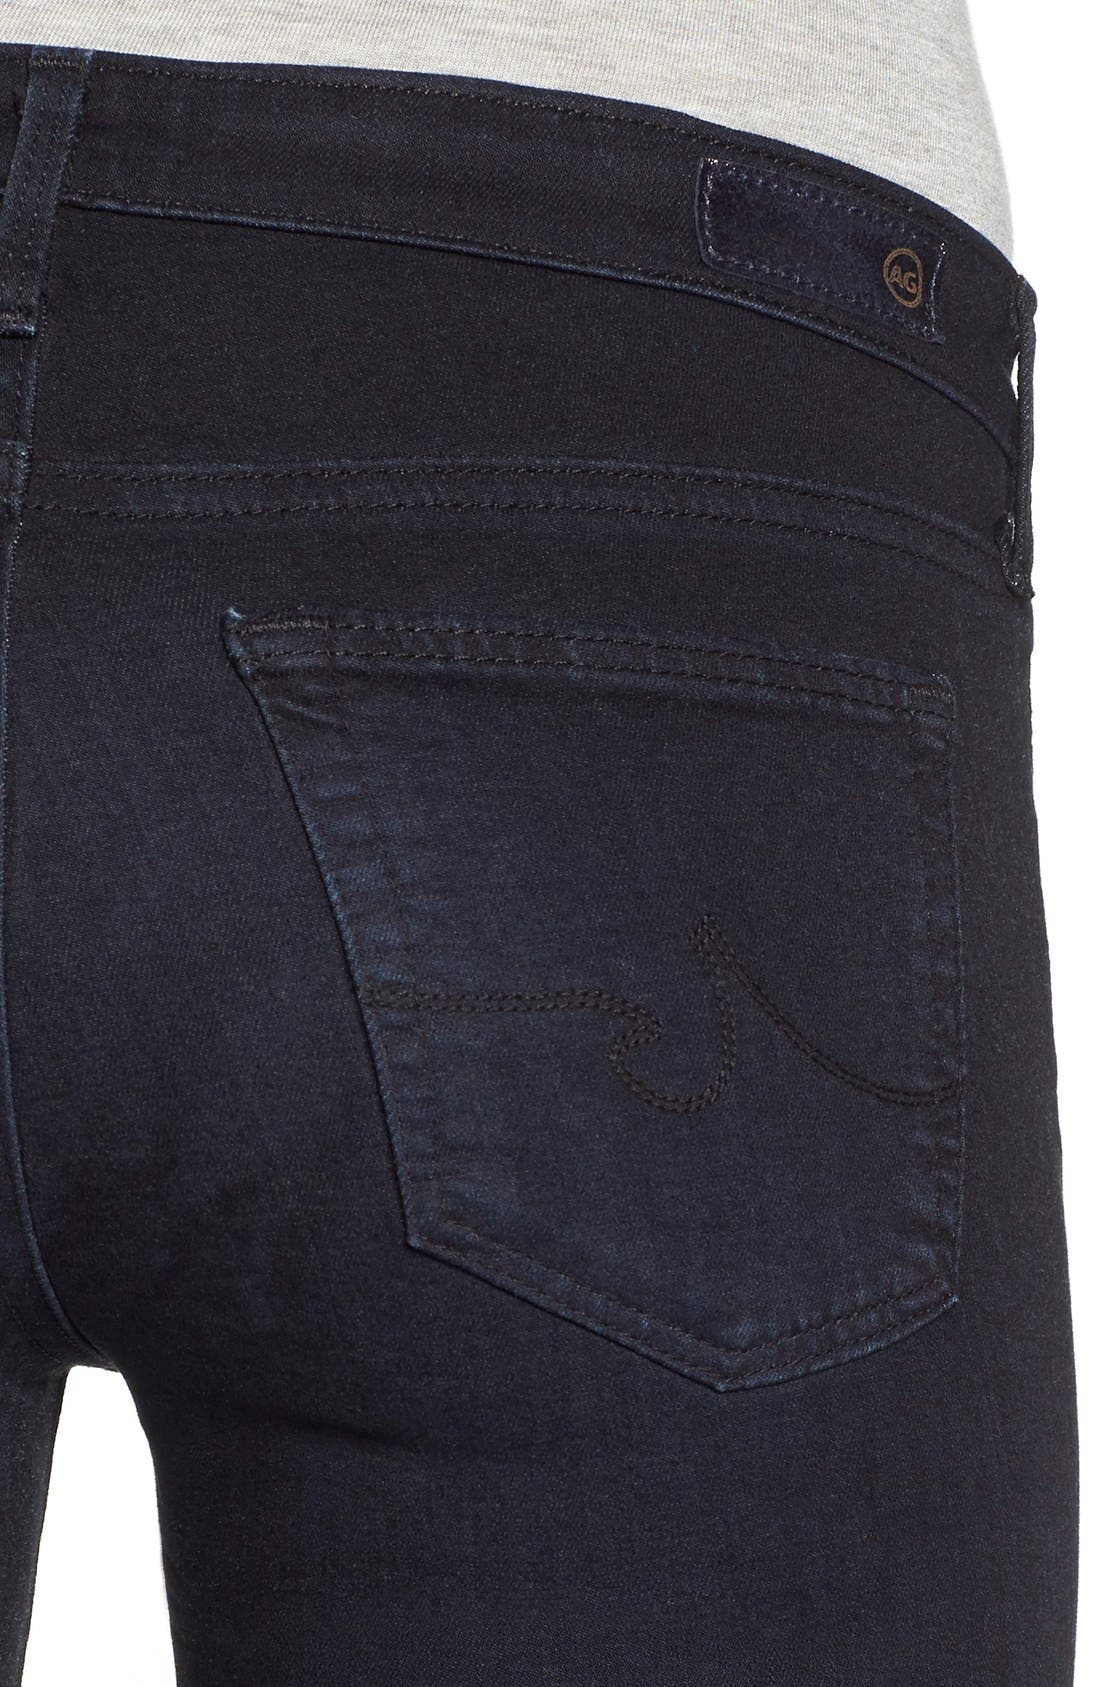 Alternate Image 4  - AG 'The Legging' Super Skinny Jeans (Shade)